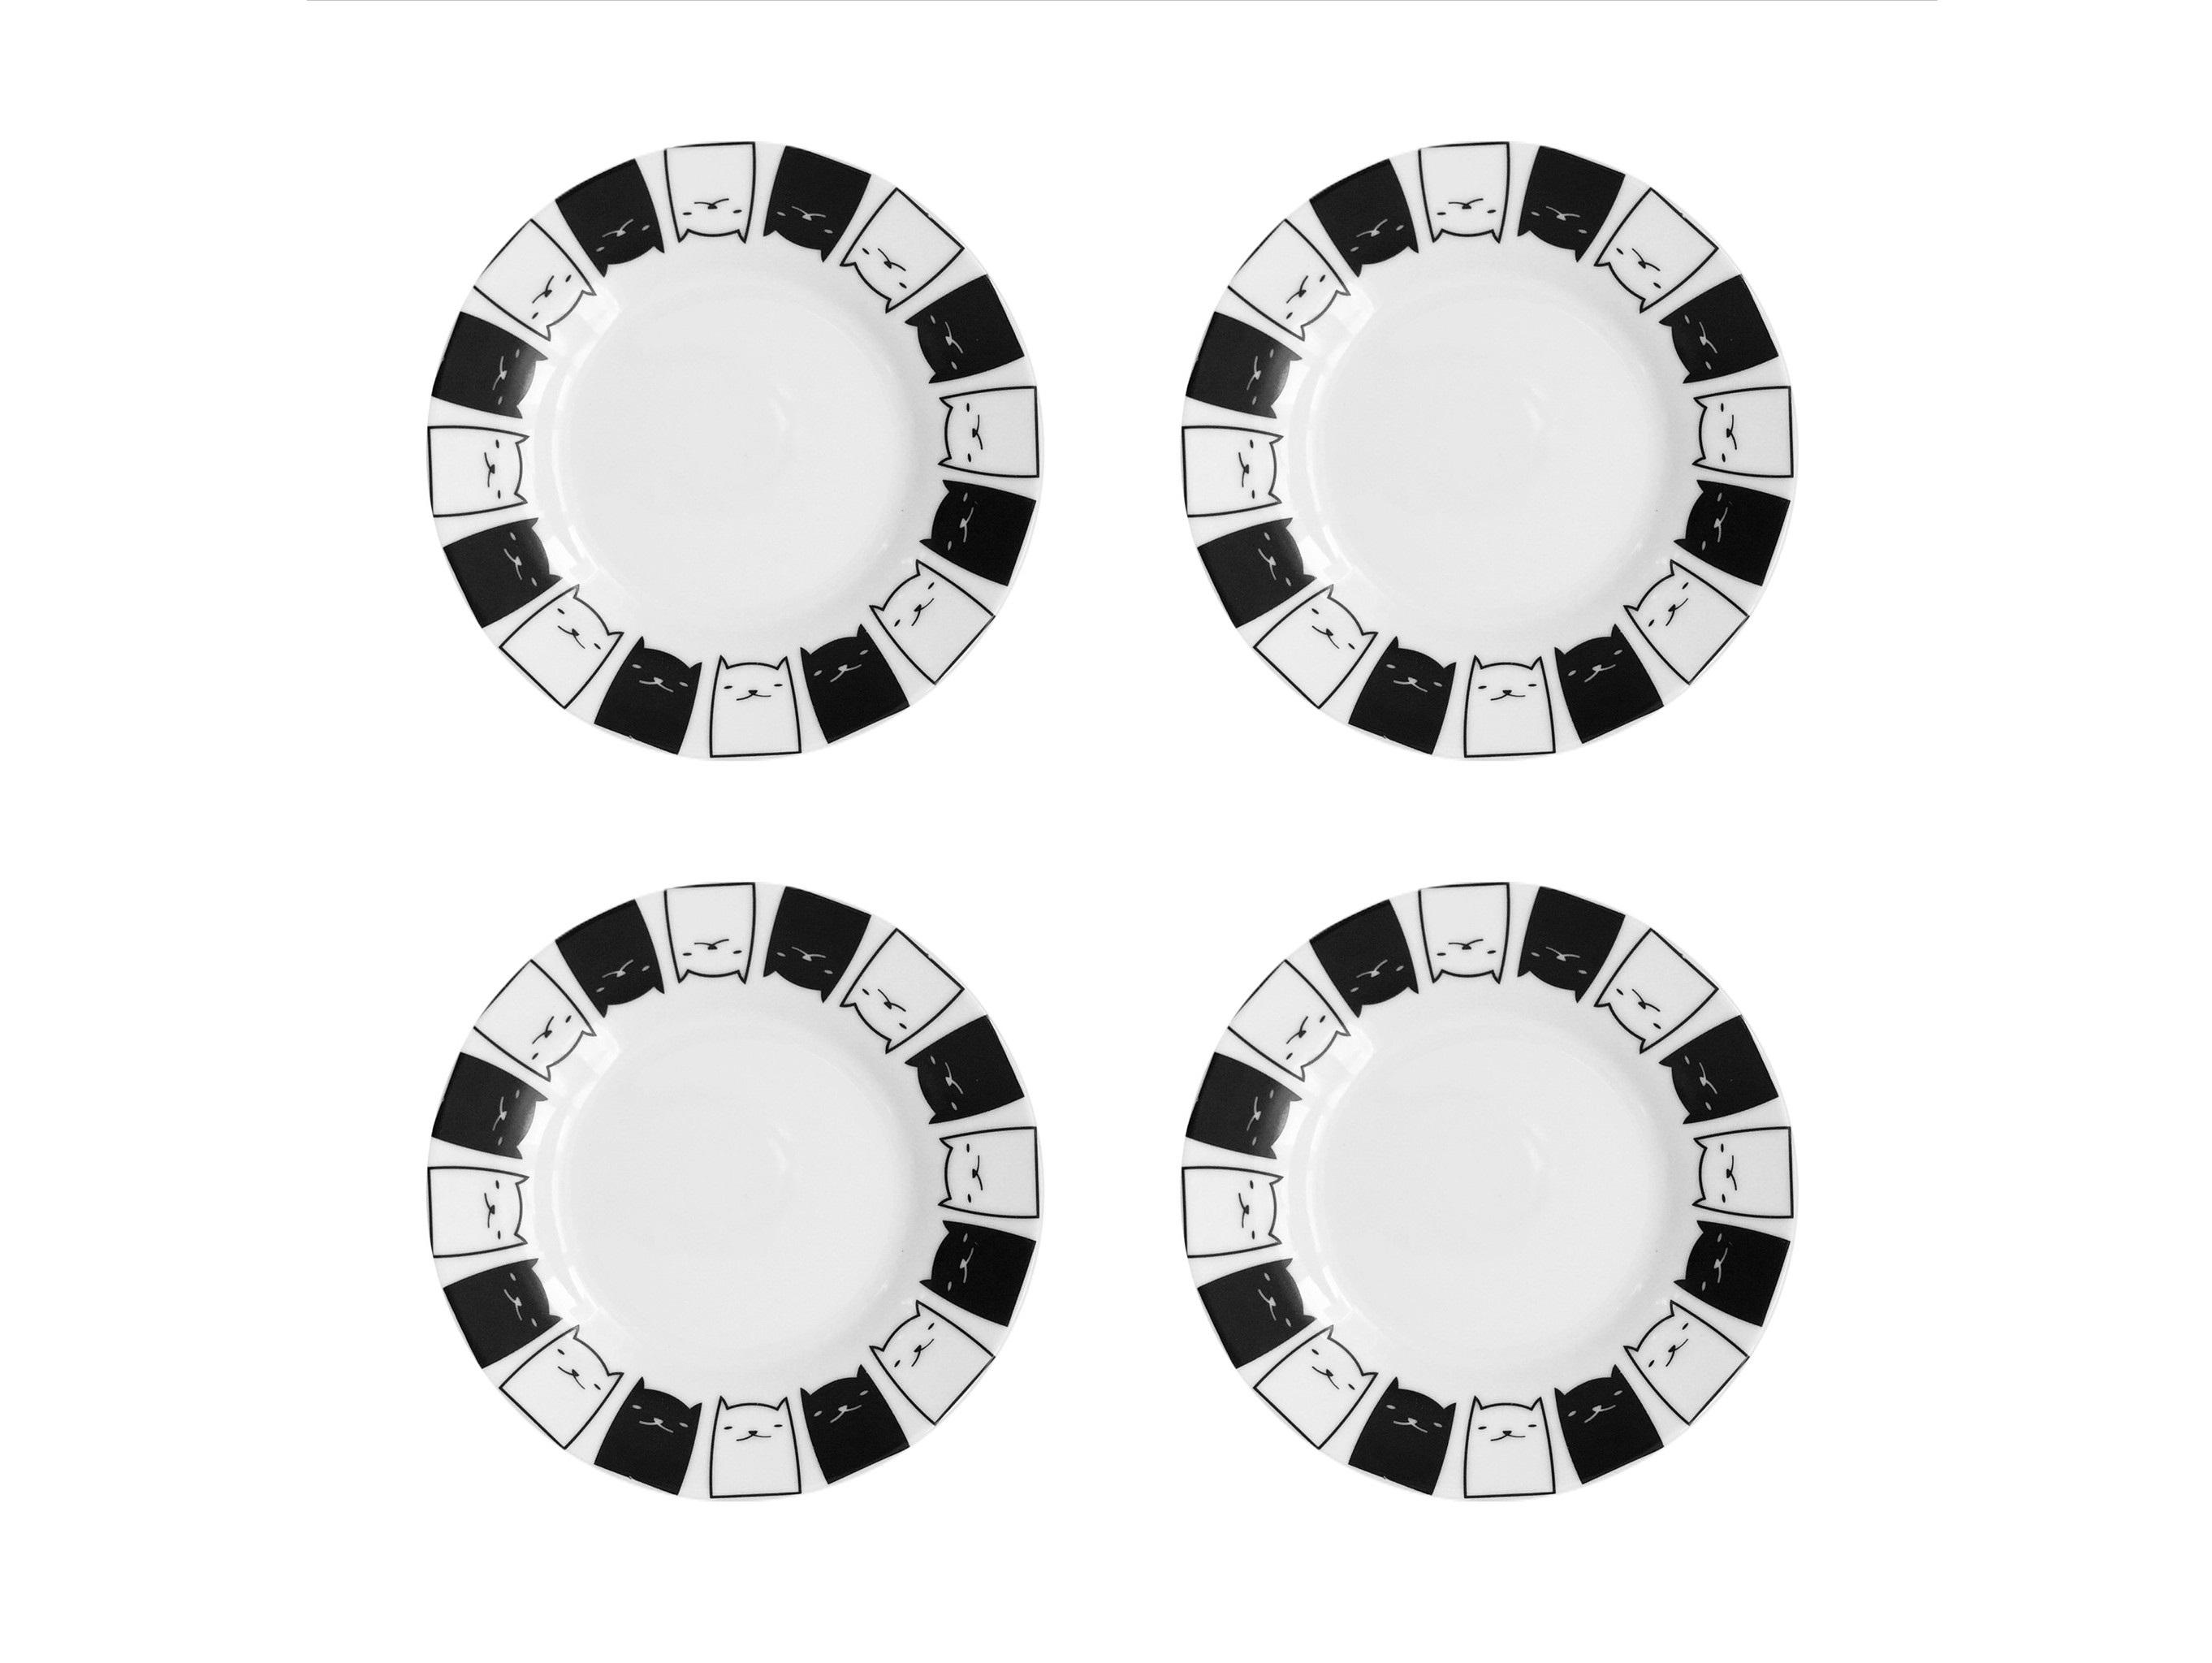 Набор тарелок Котята (4 шт)Тарелки<br>Посуду можно использовать в микроволновой печи и посудомоечной машине.&amp;amp;nbsp;&amp;lt;div&amp;gt;В комплект входят: Тарелка 20 см - 4 шт.&amp;lt;br&amp;gt;&amp;lt;/div&amp;gt;<br><br>Material: Фарфор<br>Diameter см: 20